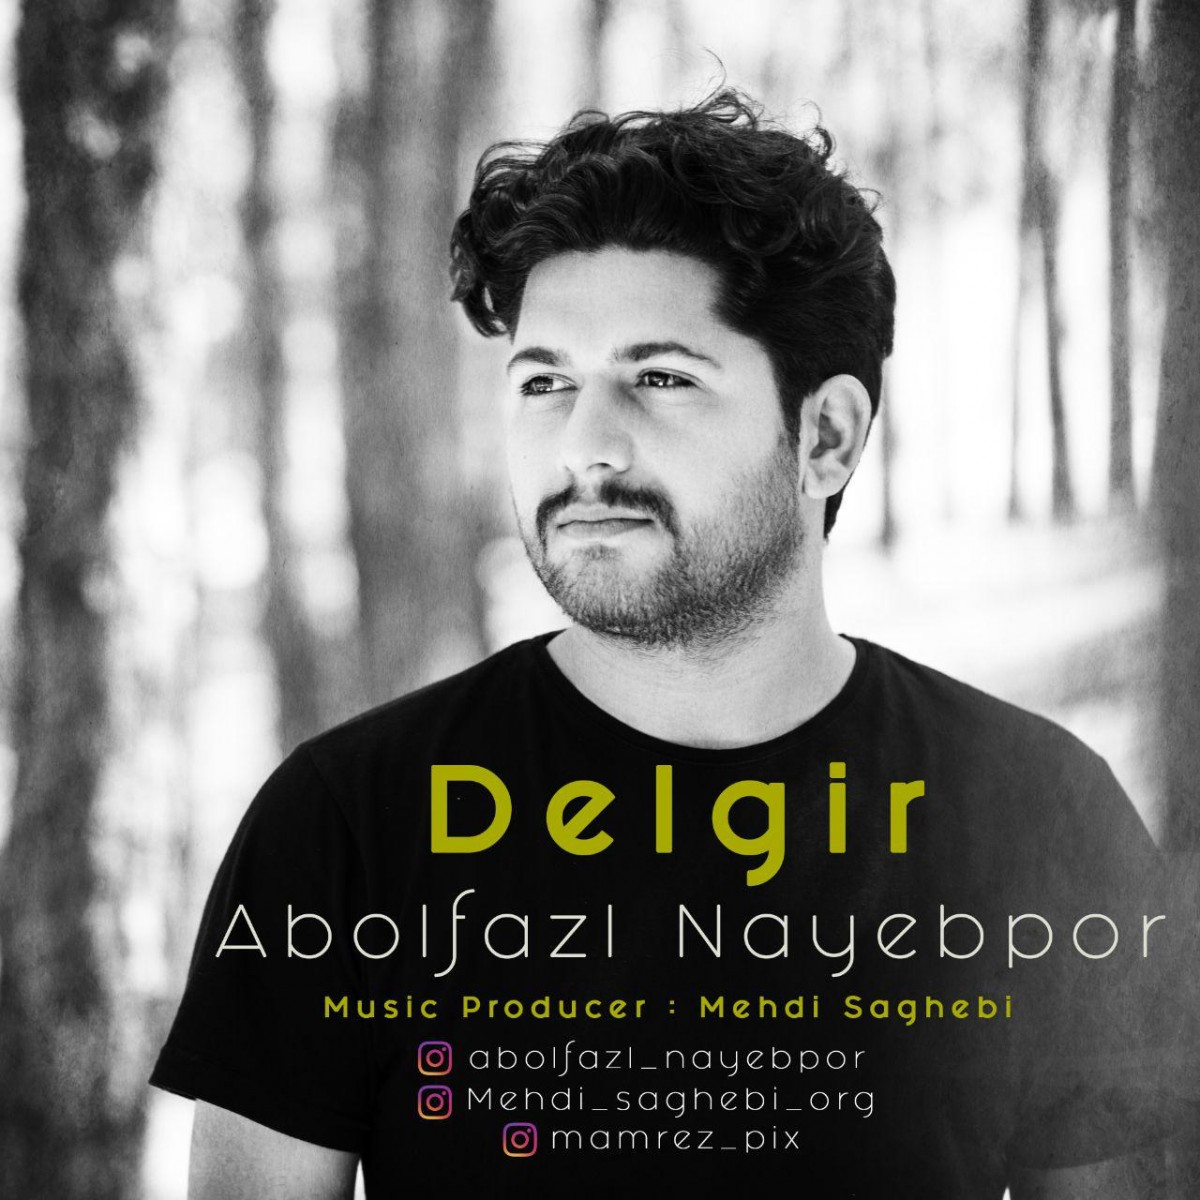 نامبر وان موزیک | دانلود آهنگ جدید Abolfazl-Nayebpor-Delgir